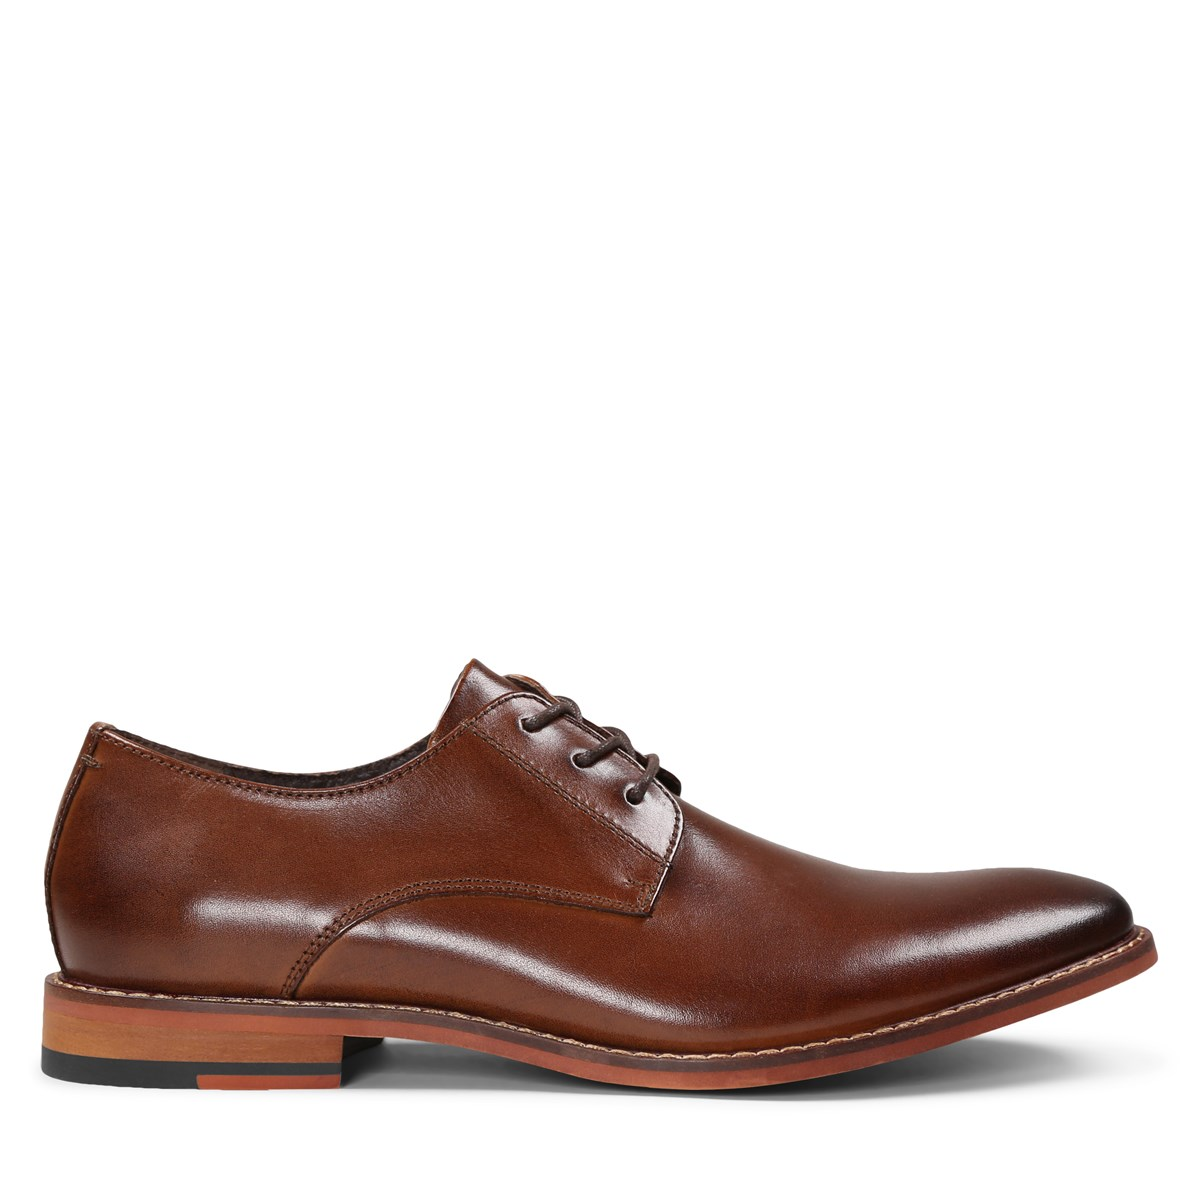 Men's Alberto Cognac Leather Lace-Up Shoe